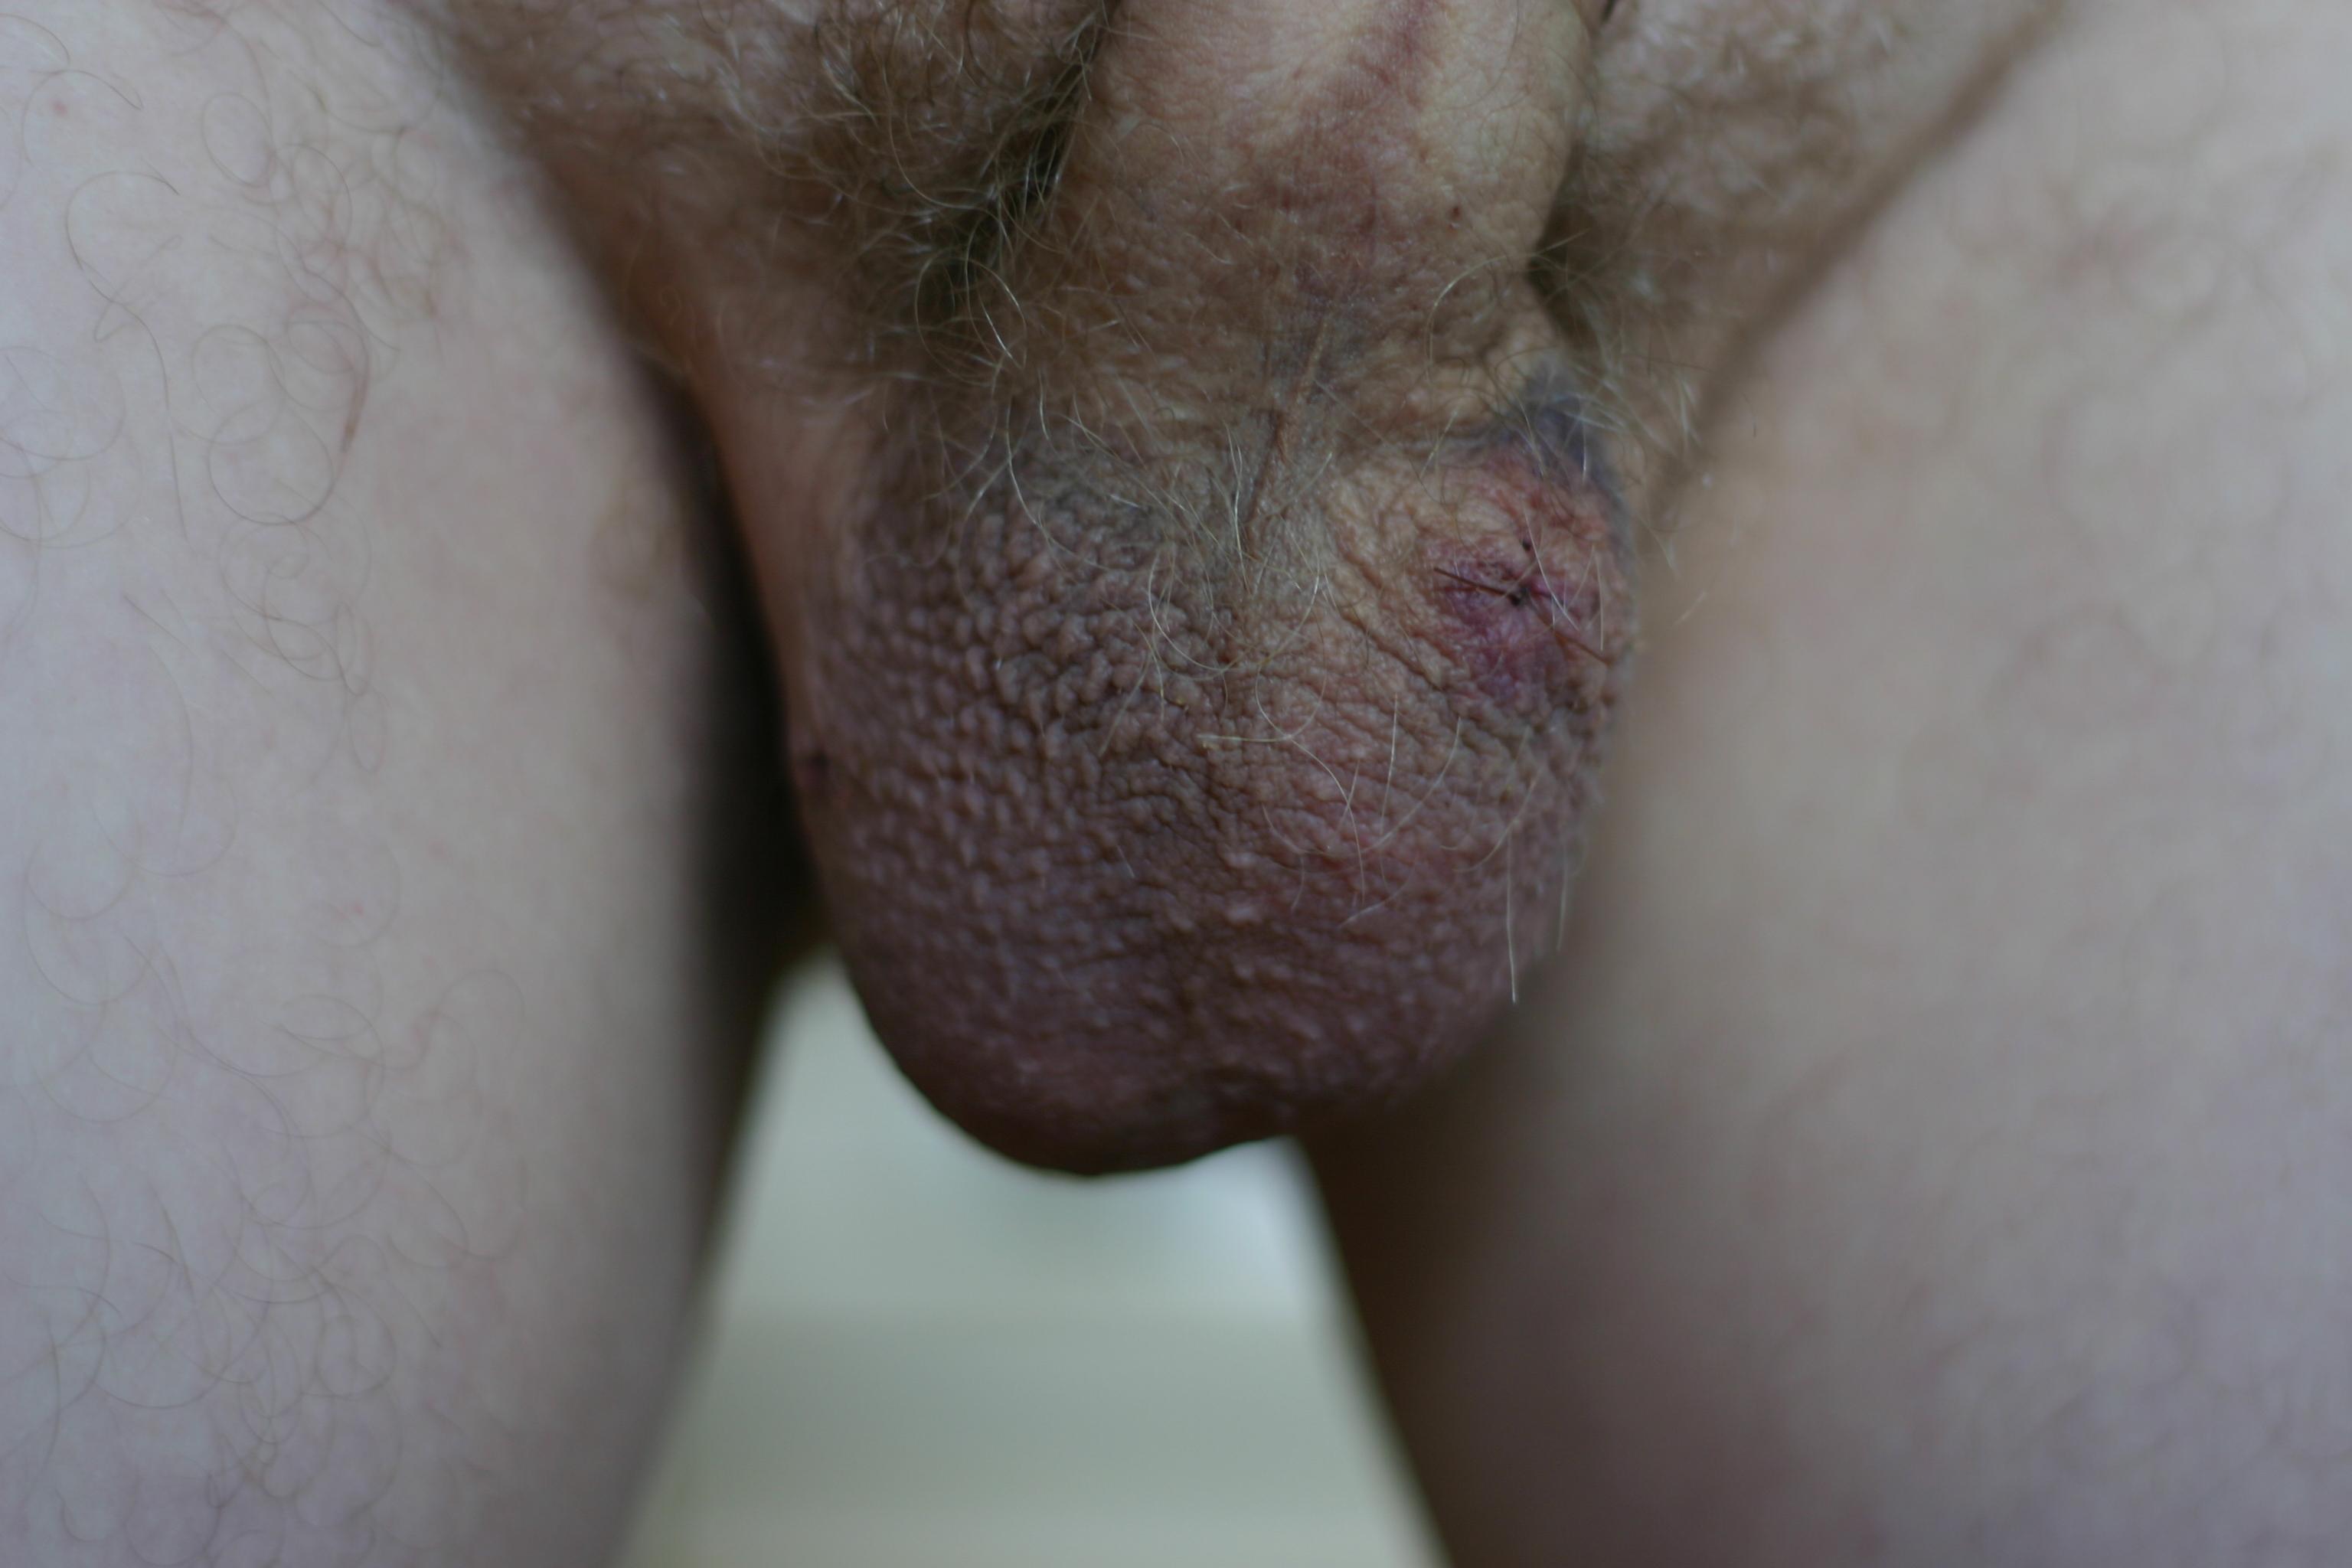 Wouldn't Vasectomy sperm semen New favorite!